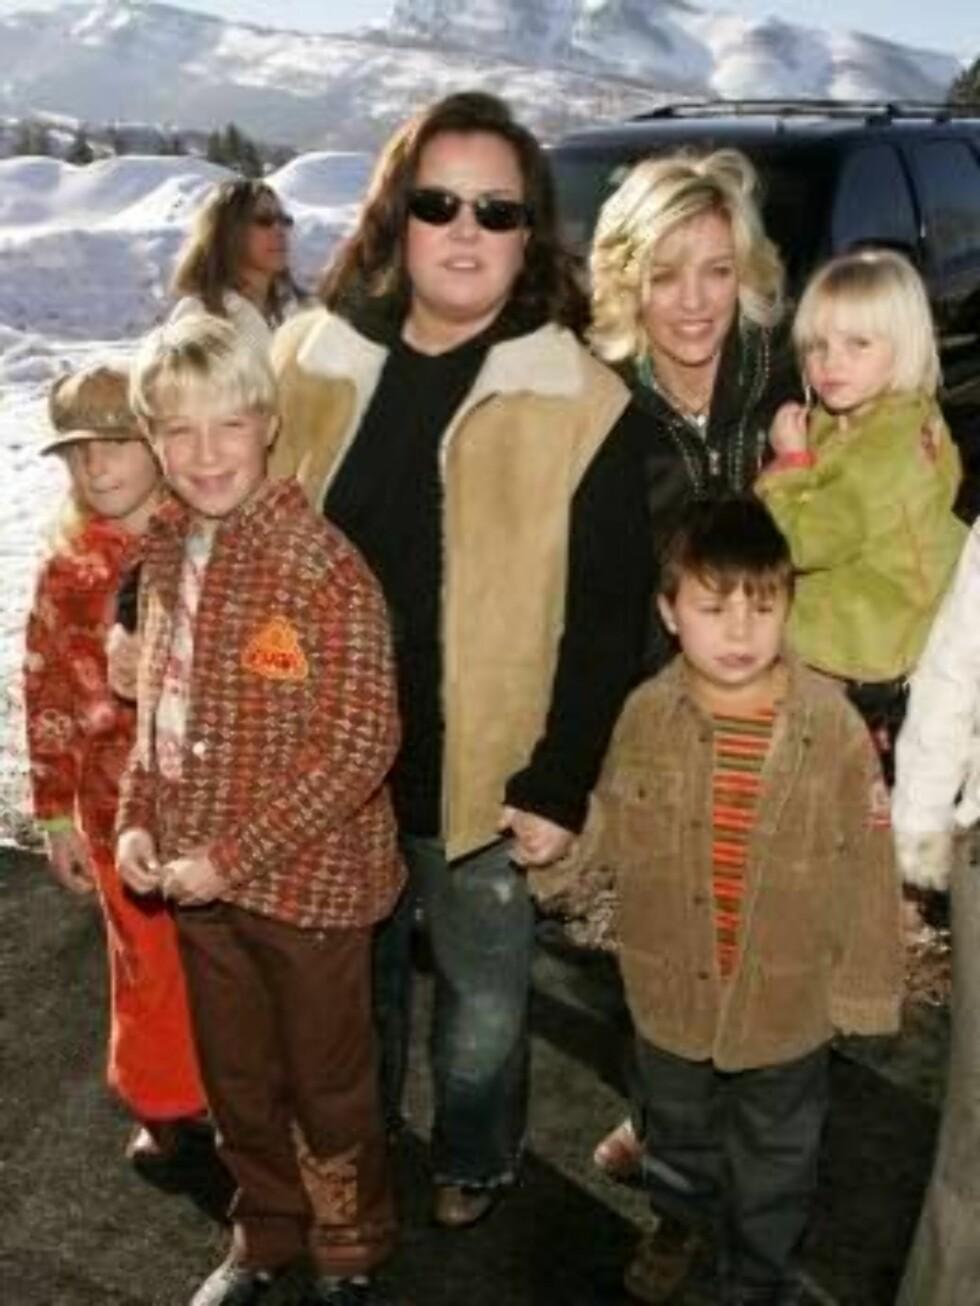 BARNEFLOKK: Rosie O'Donnell har barna Parker, Chelsea, Blake, og Vivienne med ekskona Kelli Carpenter (t.h.).  Foto: All Over Press